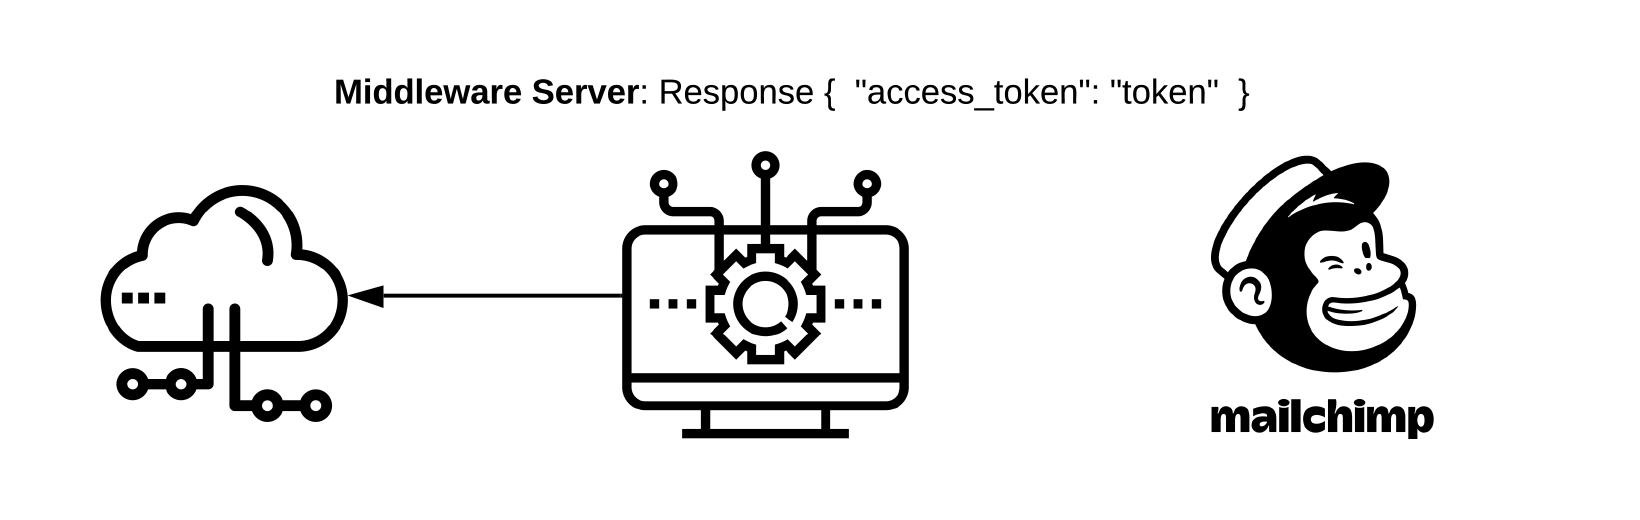 """Middleware Server: Response{ """"access_token"""": """"token"""" }"""